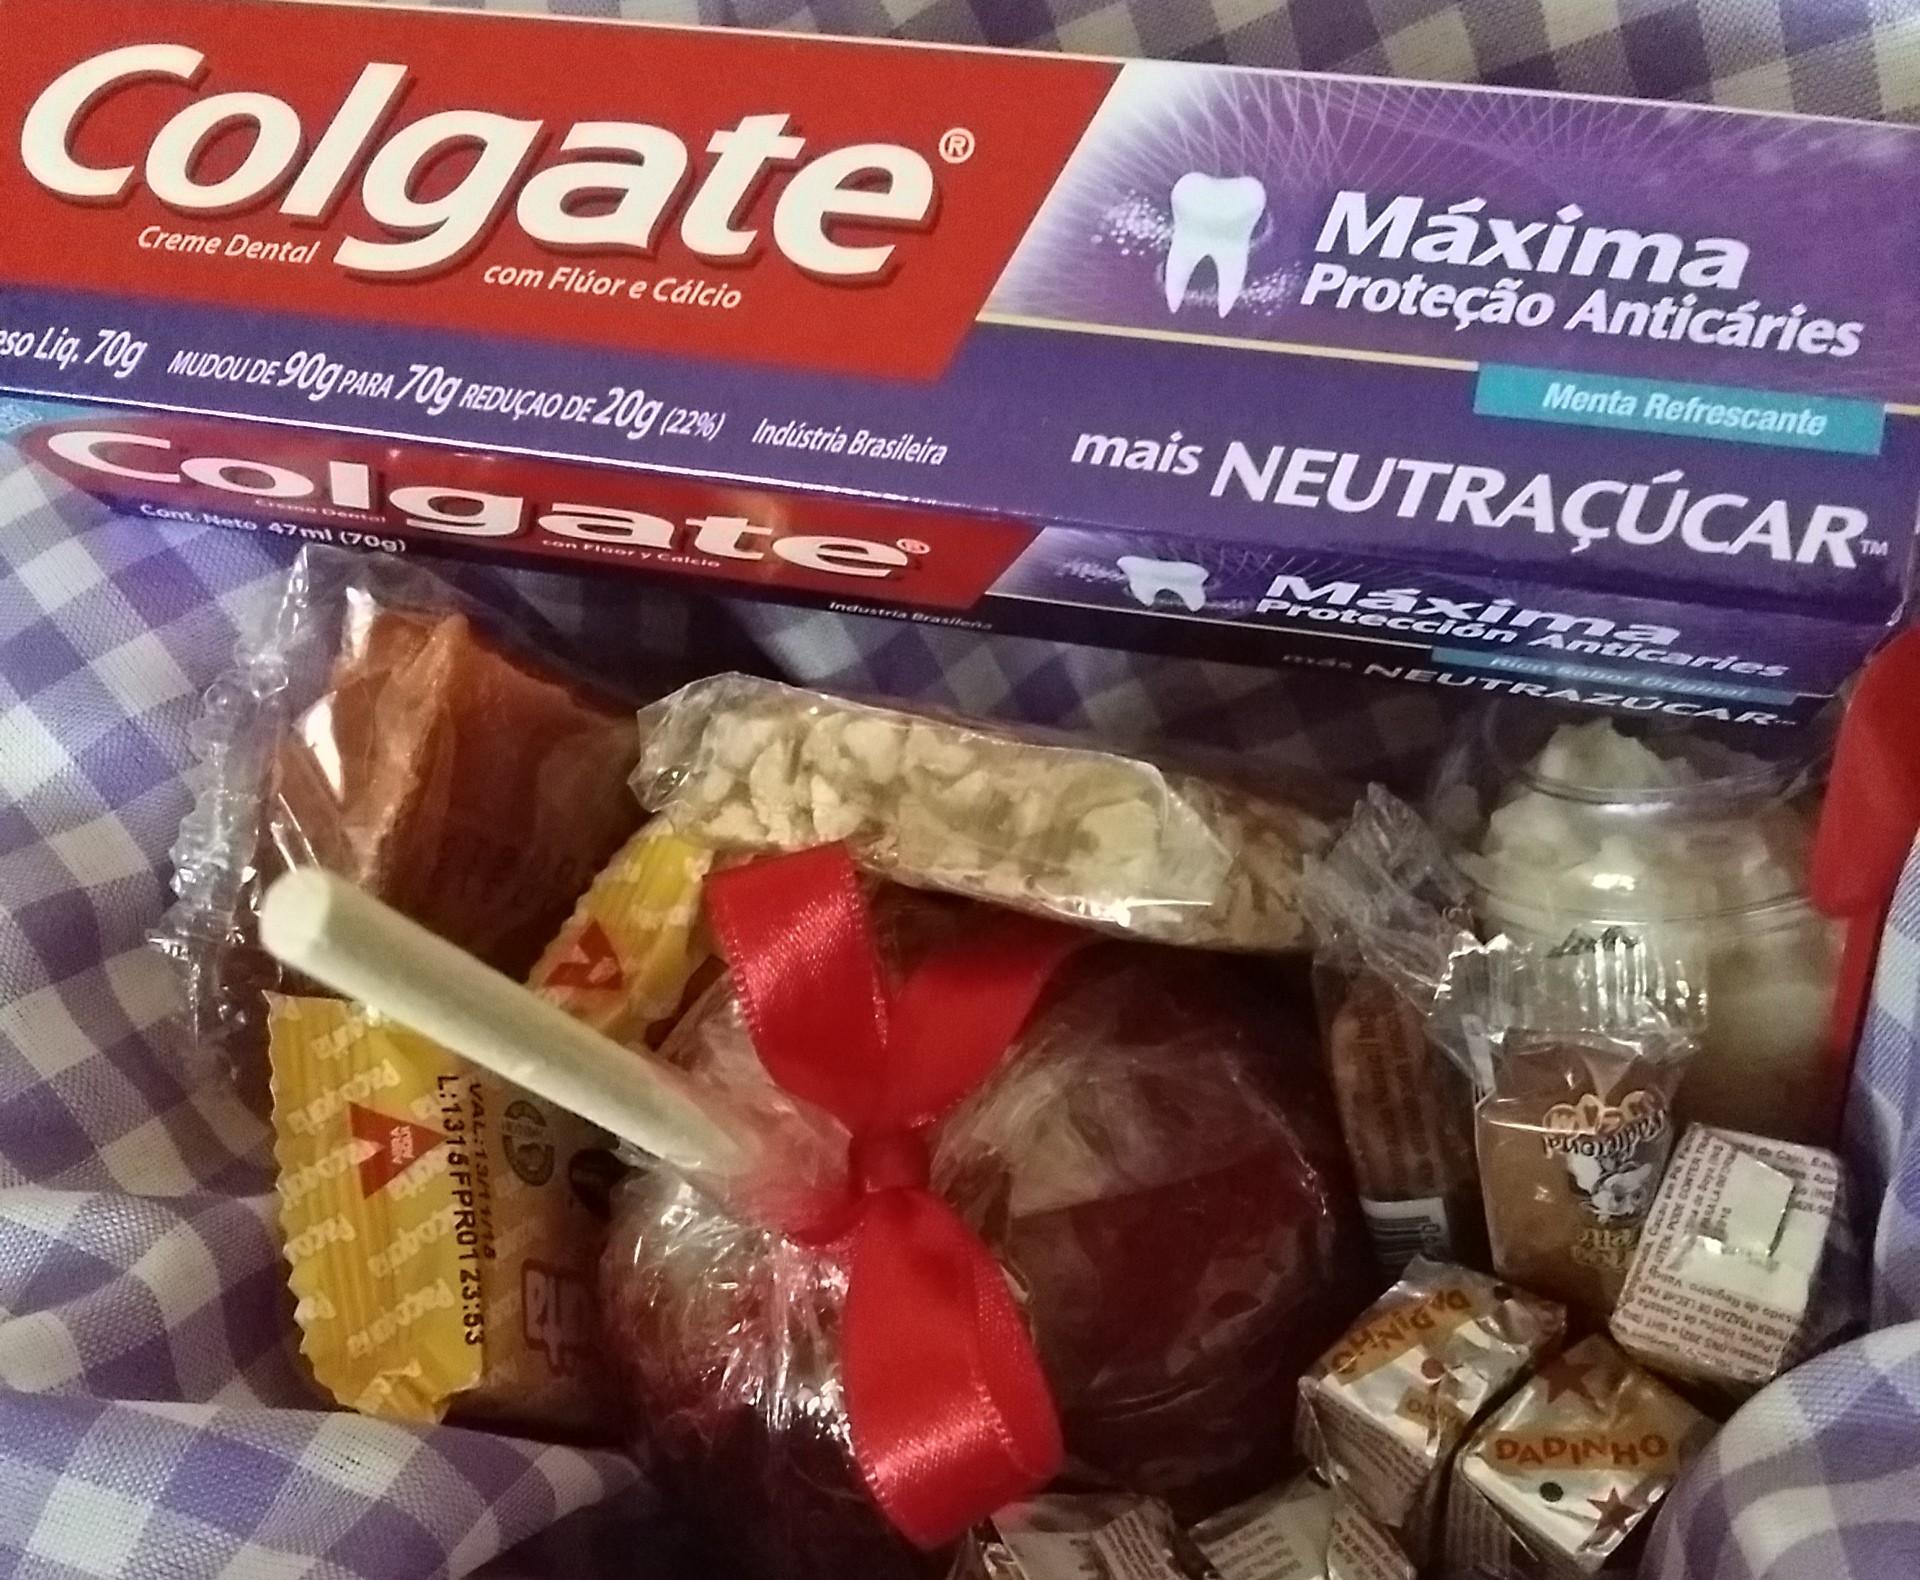 Colgate NeutrAçúcar – Comendo Doces sem Cárie